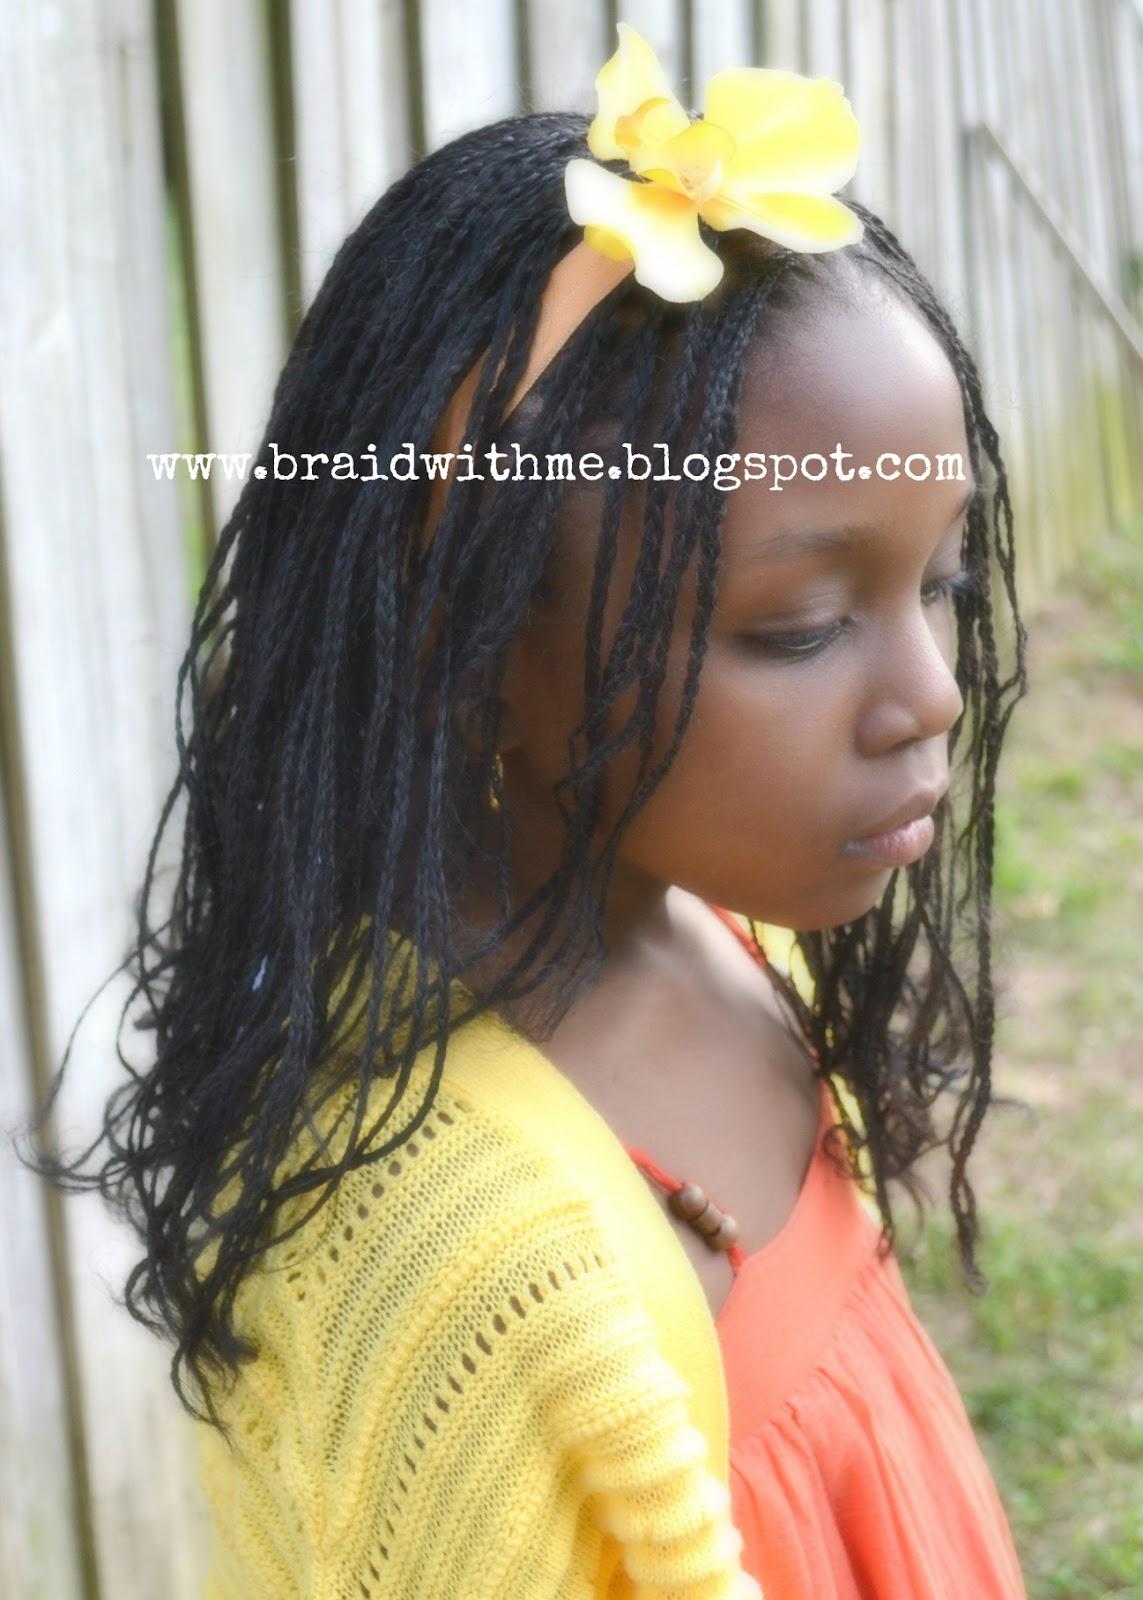 Wondrous Beads Braids And Beyond May 2012 Short Hairstyles Gunalazisus